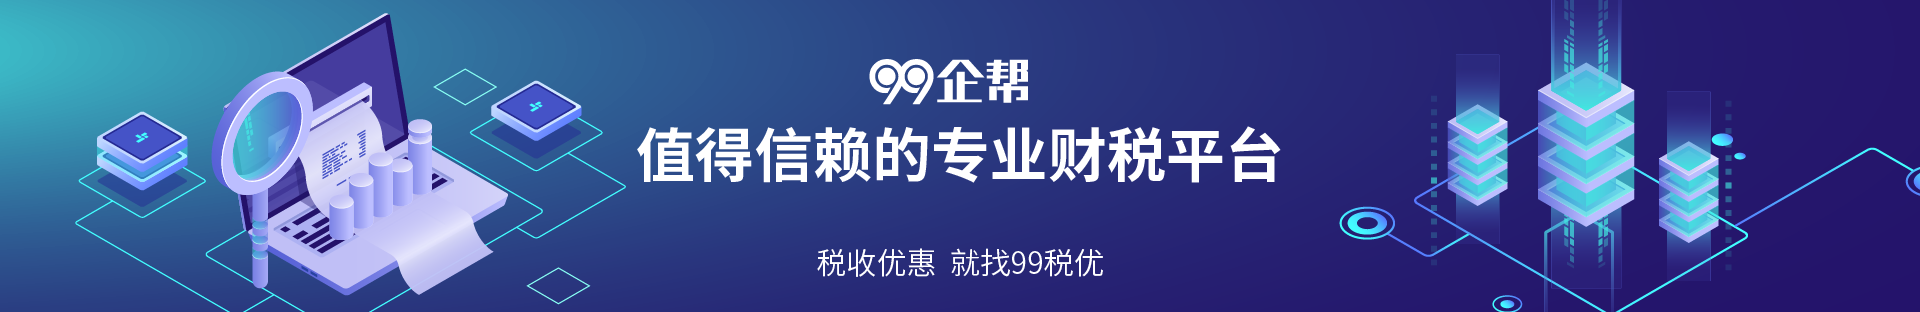 99税优-新闻资讯